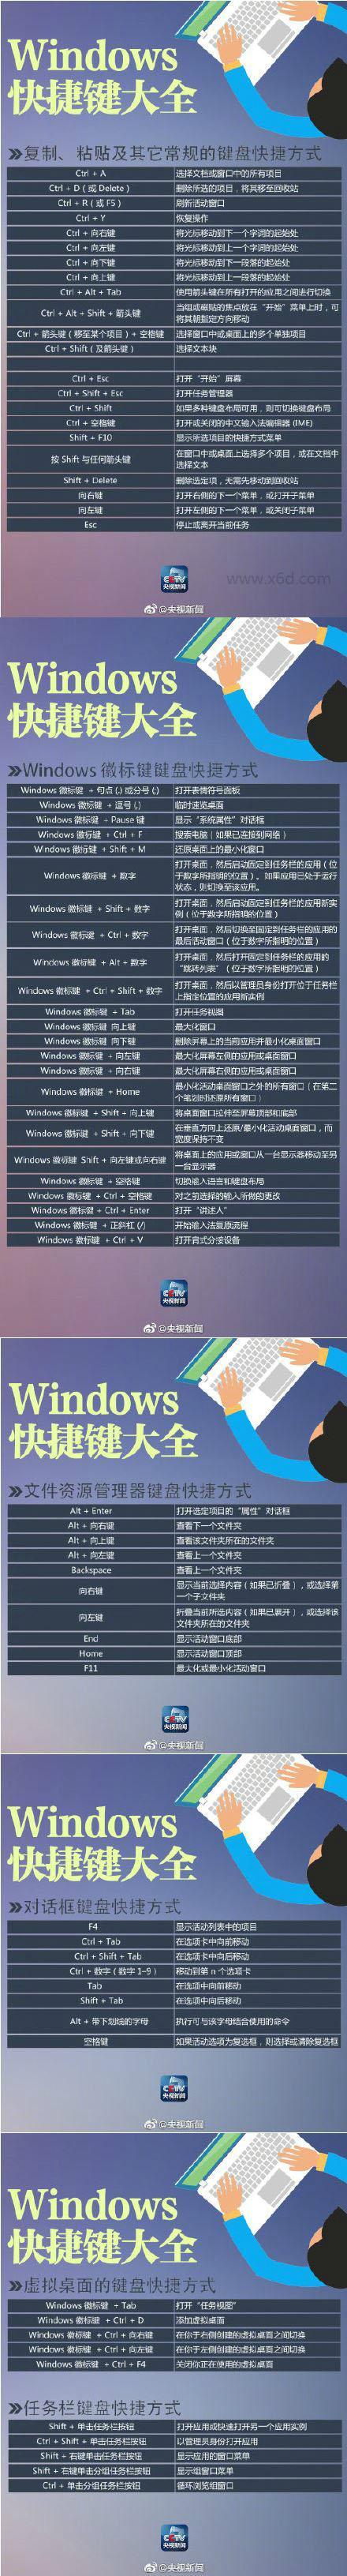 Windows快捷键大全 掌握了基本可以流畅玩电脑